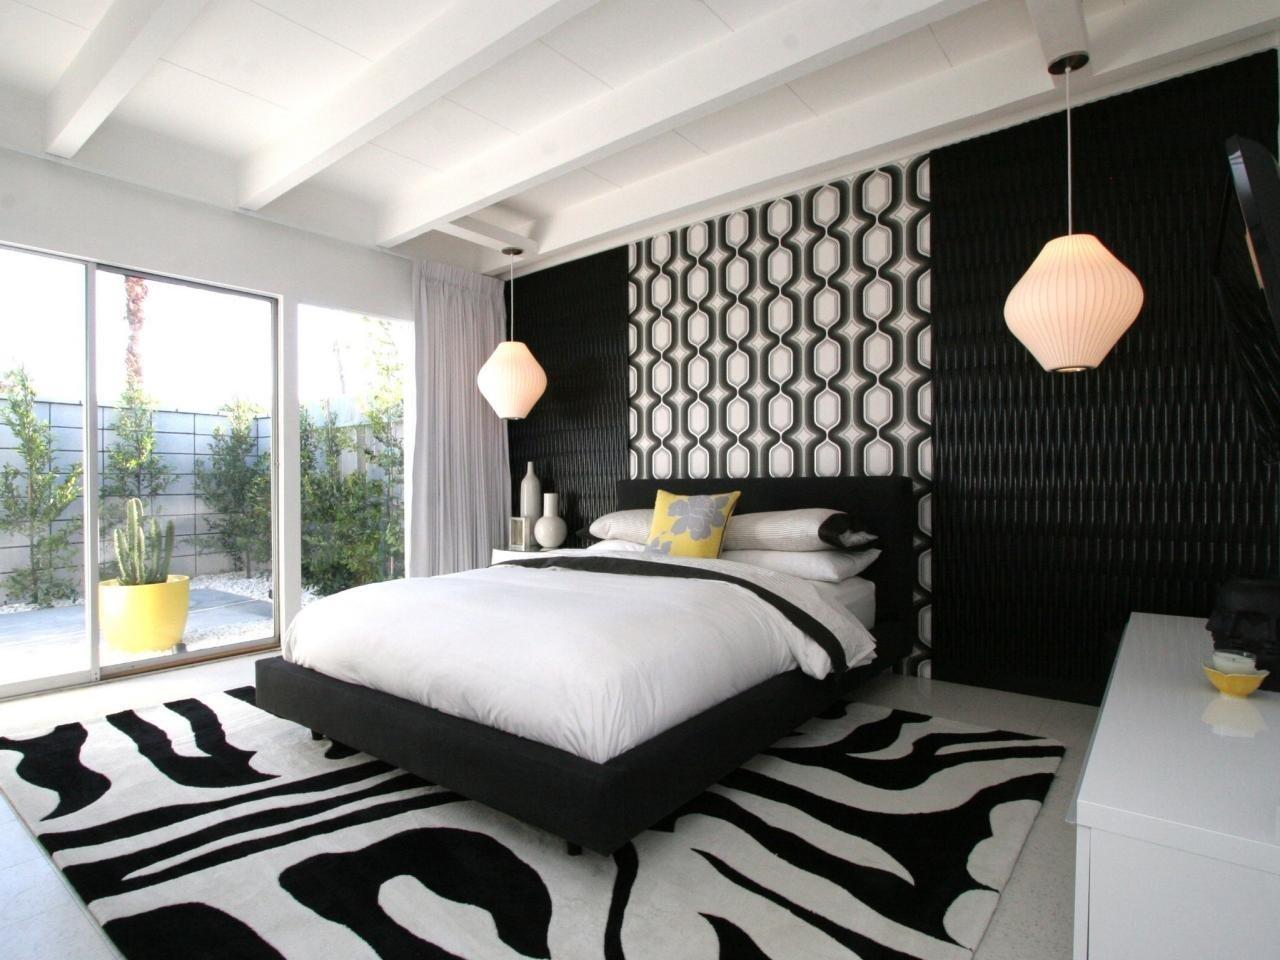 Контрастные геометрические узоры в отделке стен и потолка придают интерьеру яркий и стильный вид